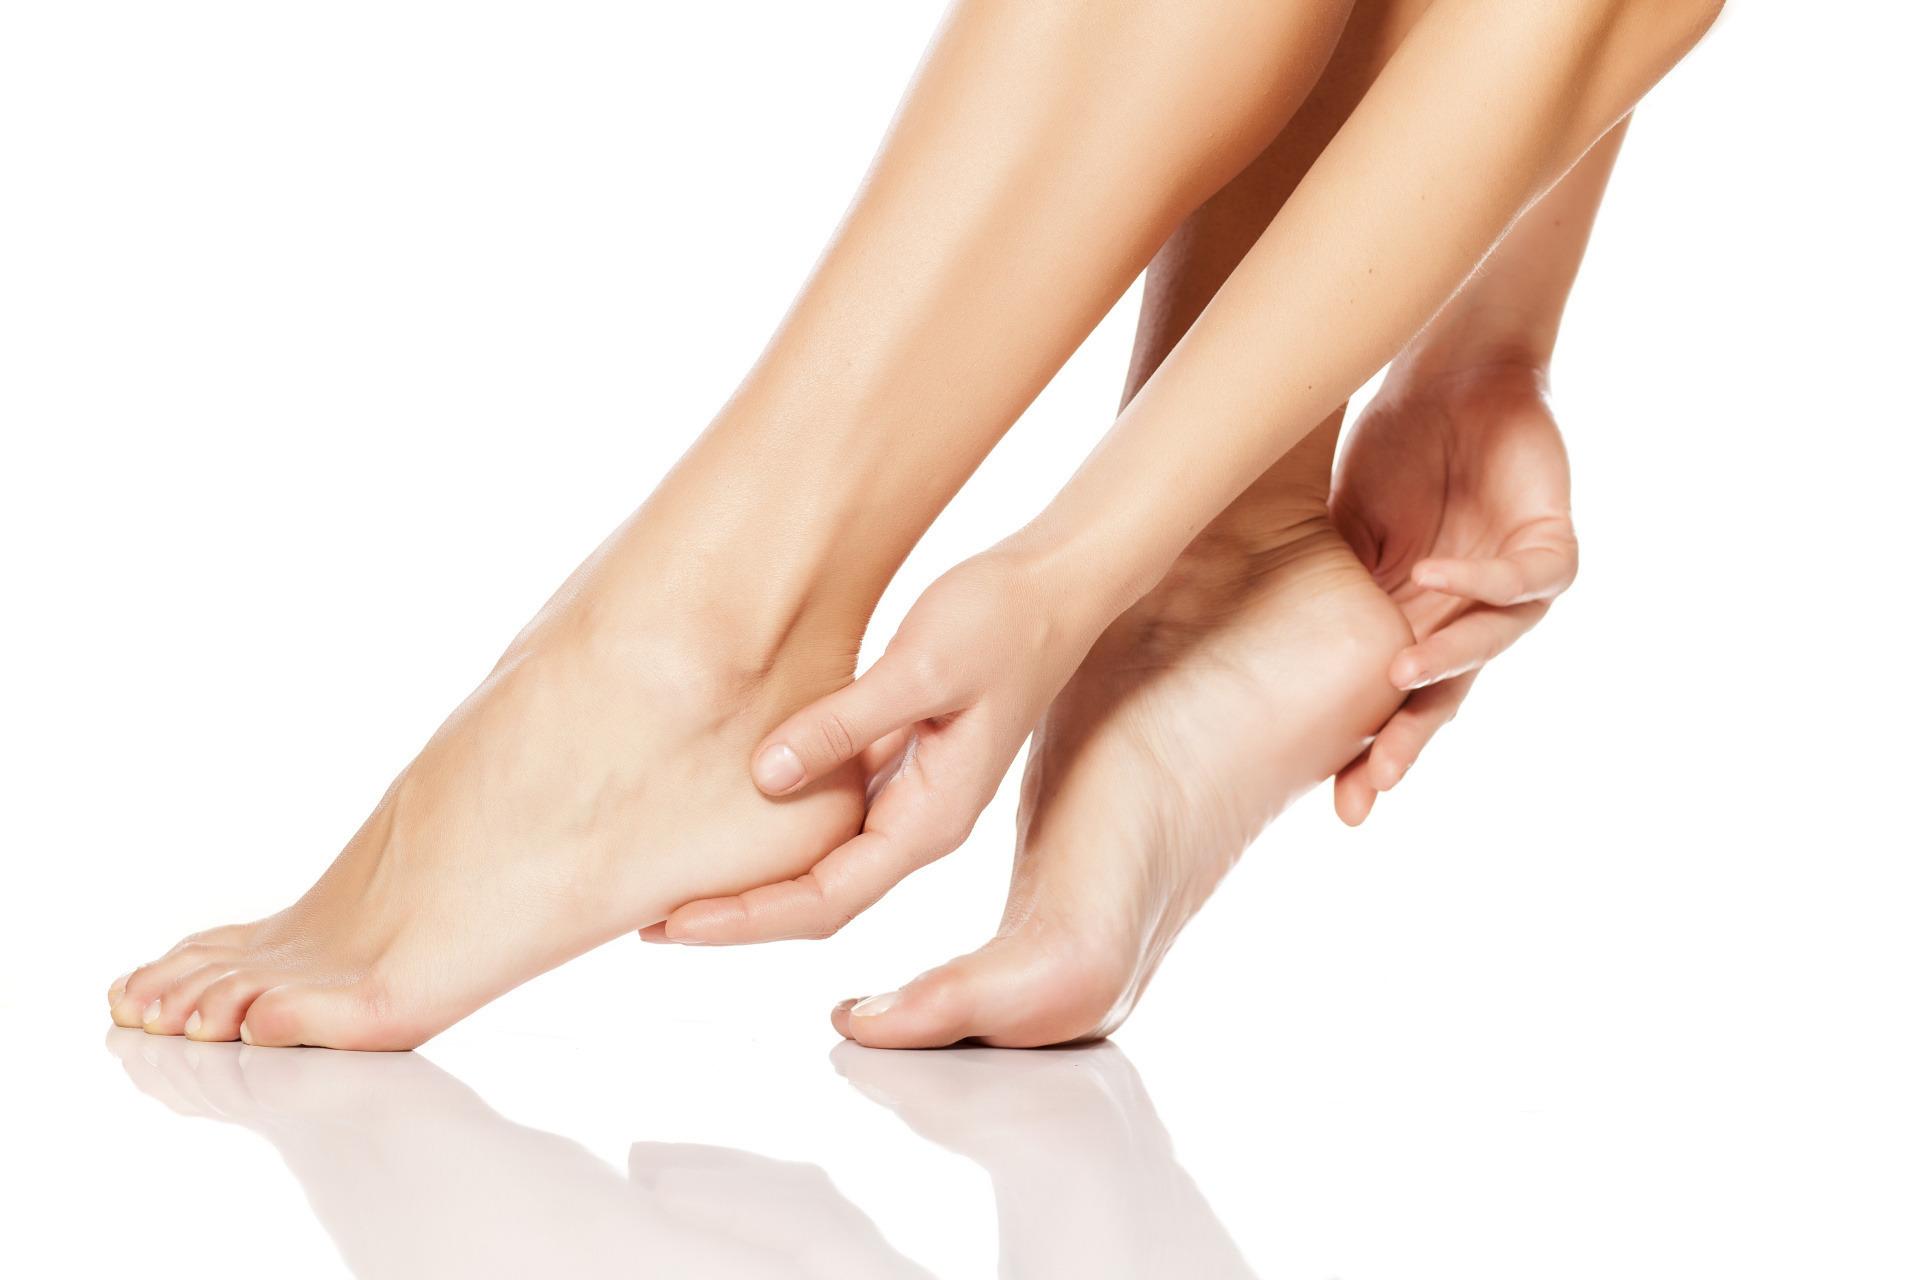 Jak dbać o suche stopy? - Wizaz.pl